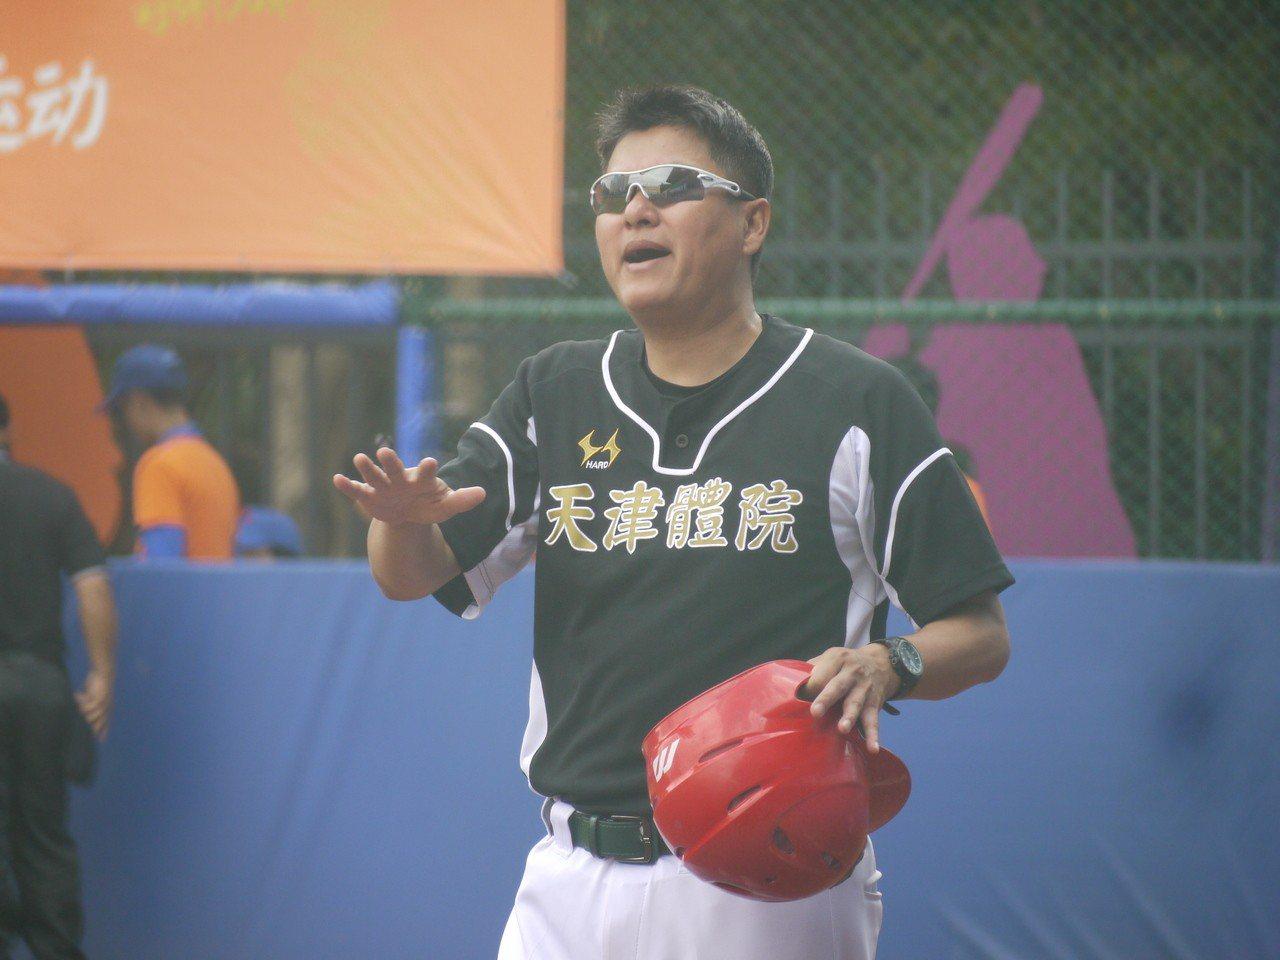 天津體院總教練呂建剛。記者吳敏欣/攝影